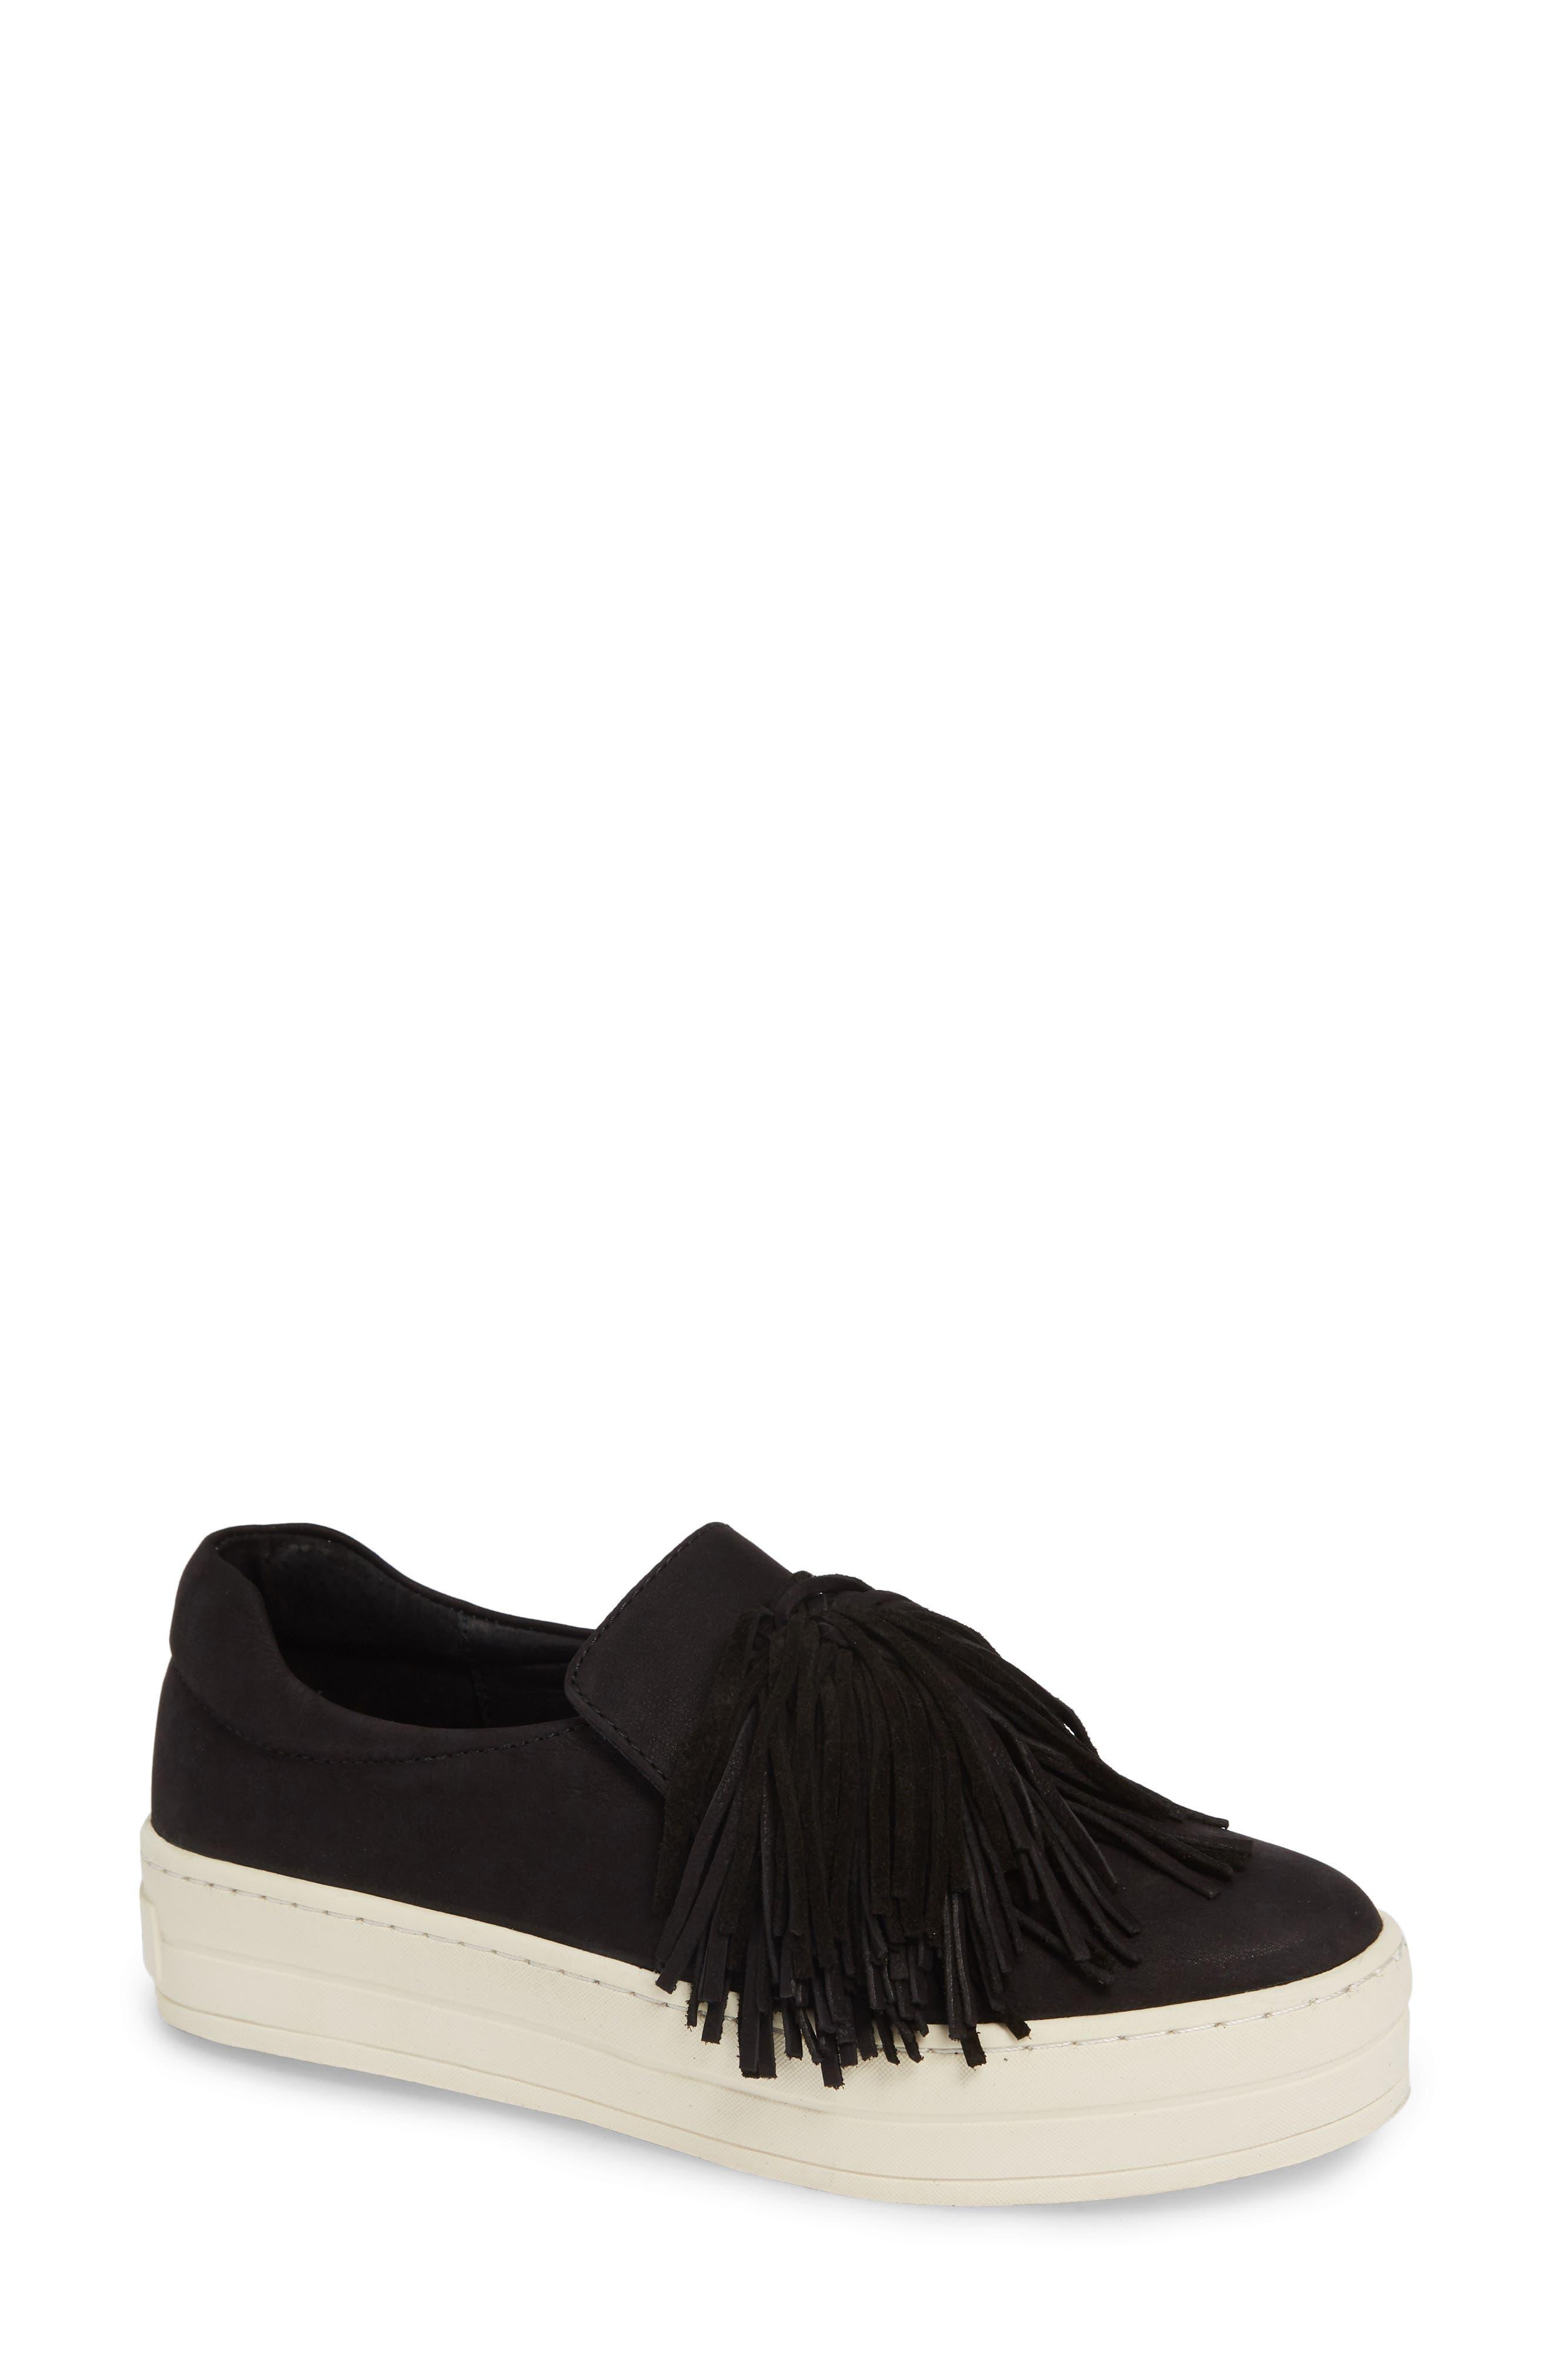 Jslides Hope Slip-On Sneaker